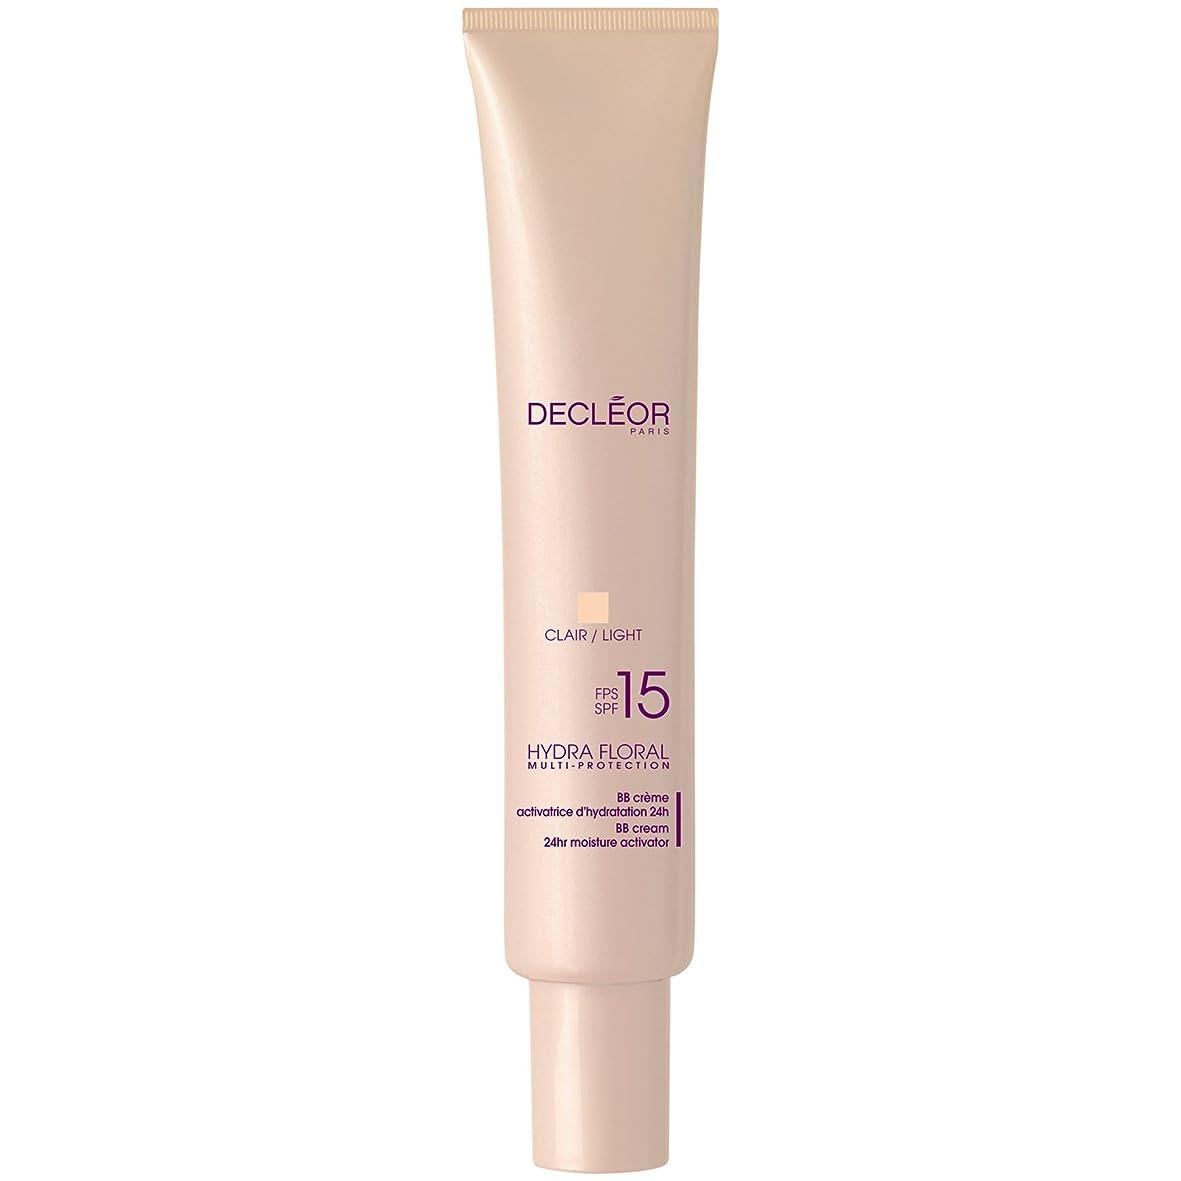 メナジェリー裏切り者フェッチ[Decl?or ] デクレオールBbクリームスキンパーフェクの40Mlの光 - Decl?or BB Cream Skin Perfector 40ml Light [並行輸入品]